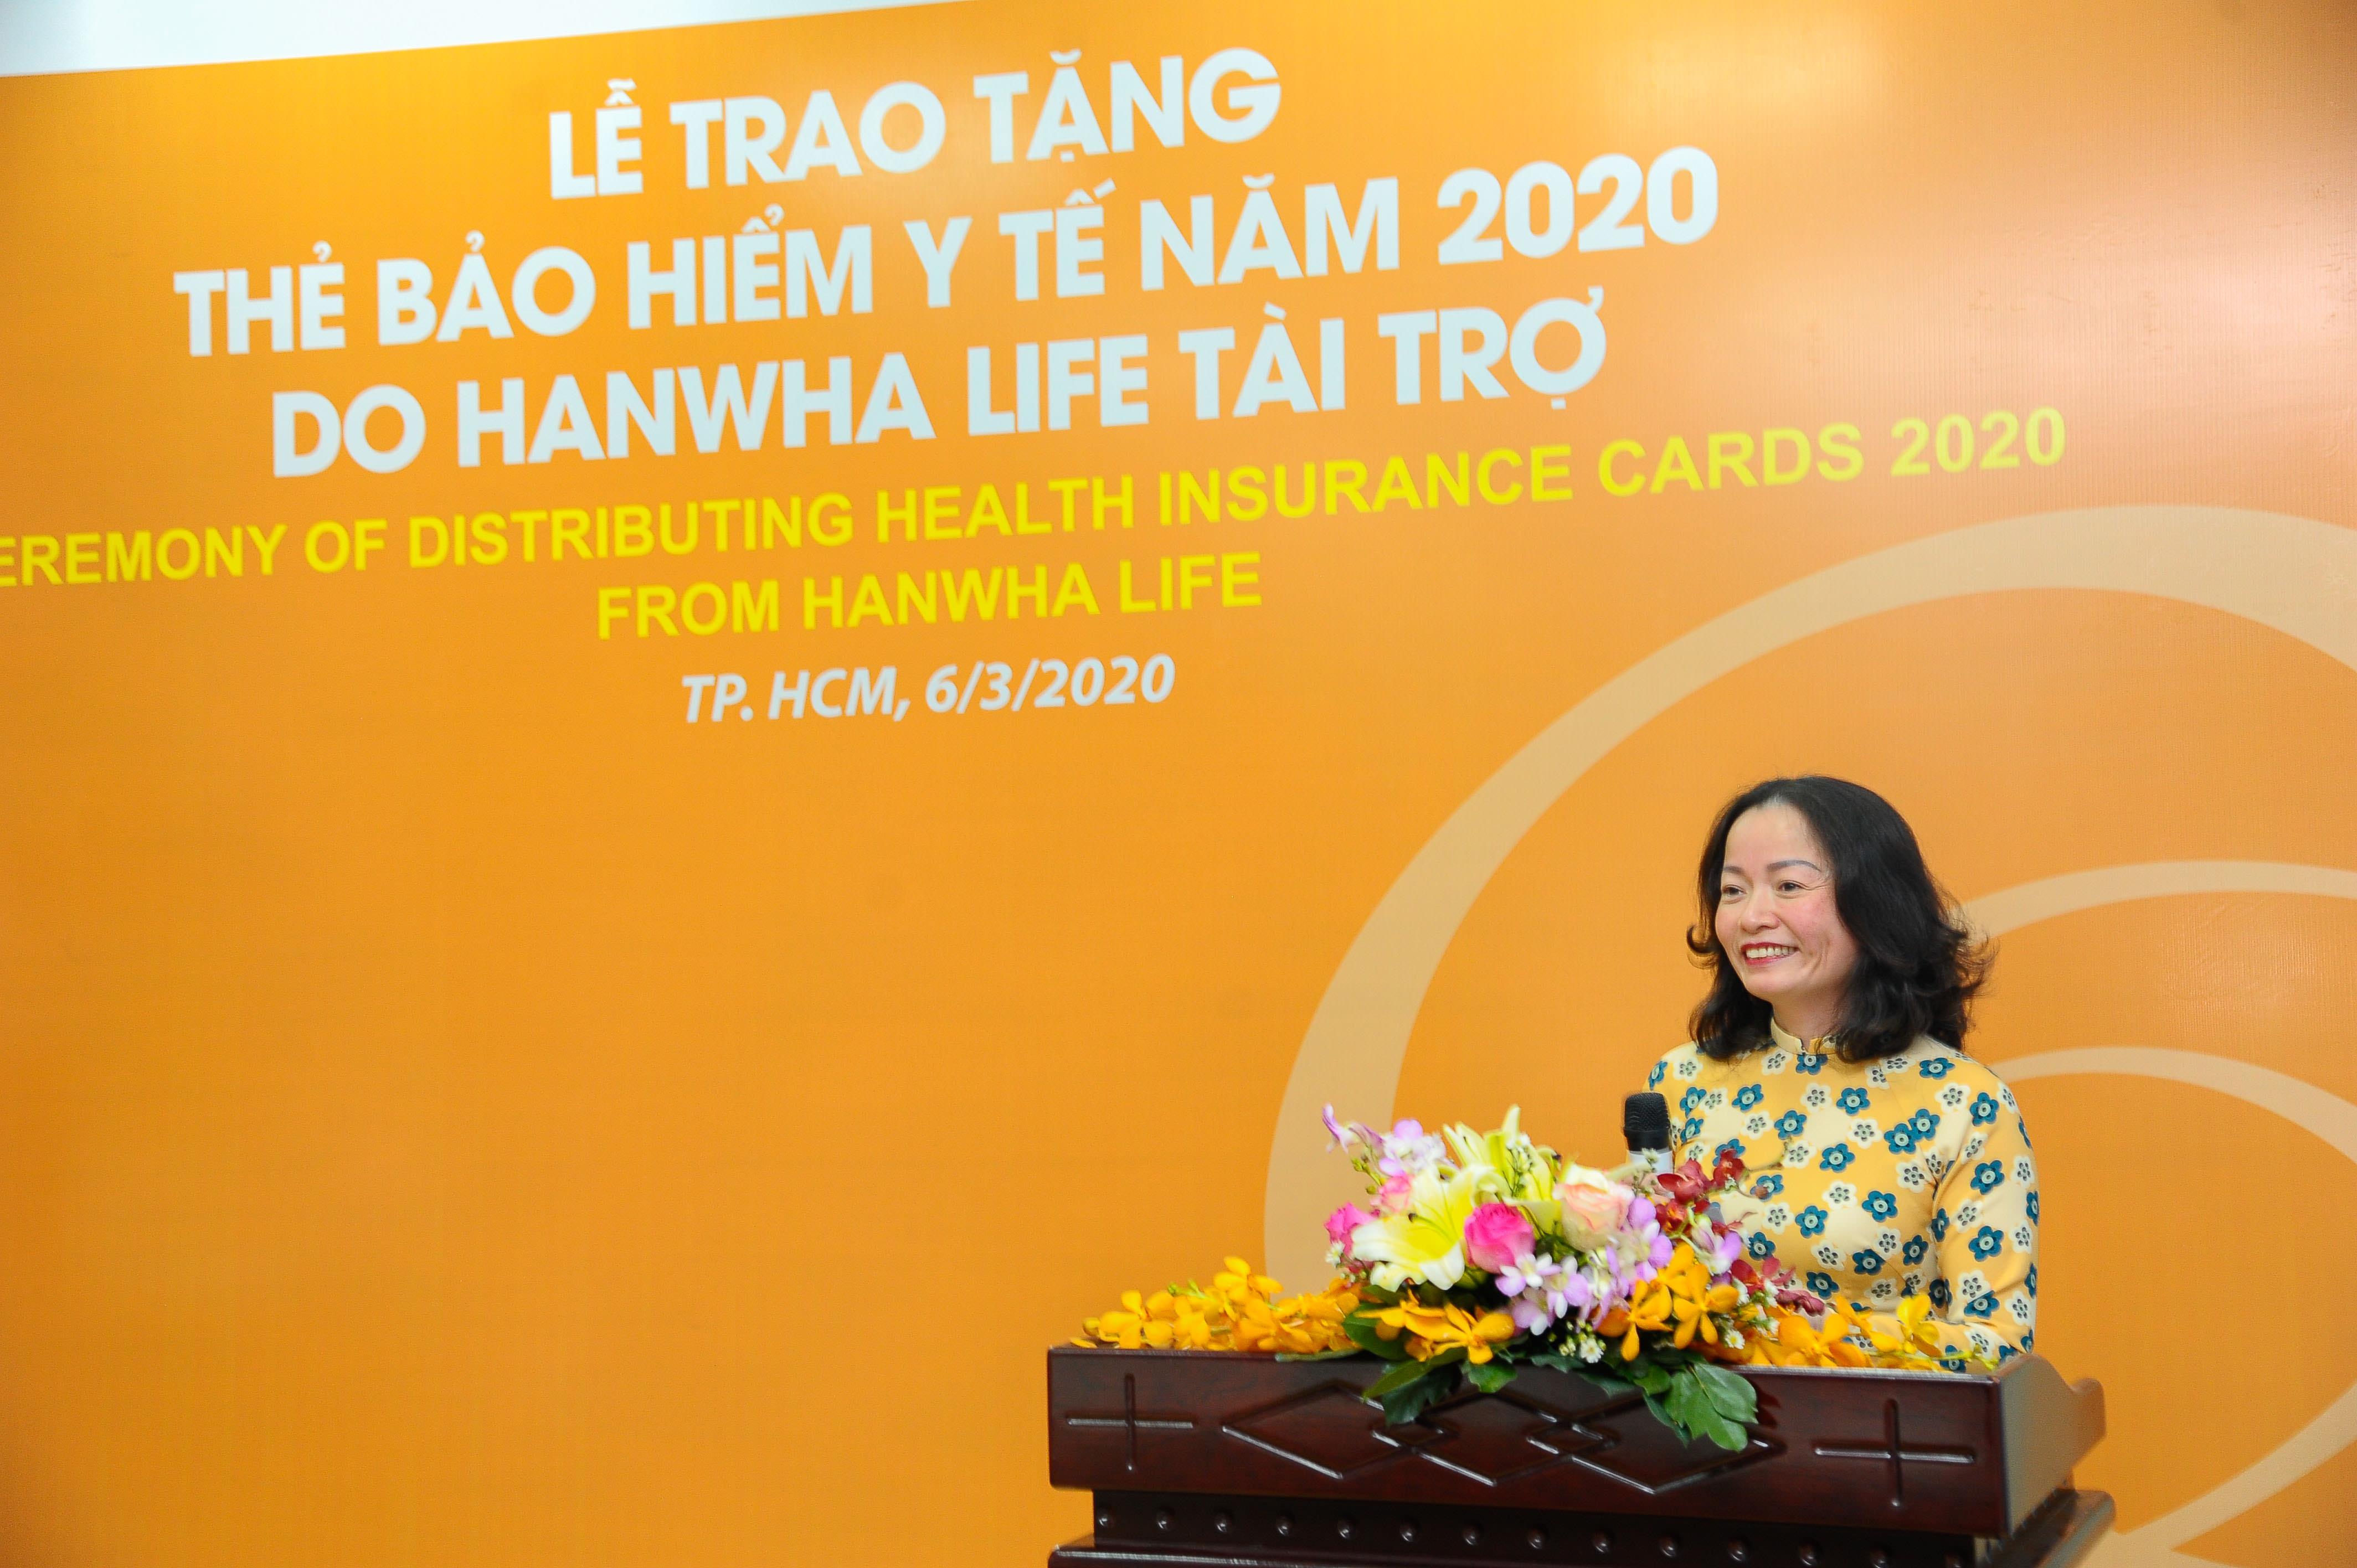 Bà Nguyễn Nhã Ngọc Trâm Anh, Phó Tổng giám đốc điều hành Hanwha Life Việt Nam phát biểu tại sự kiện.